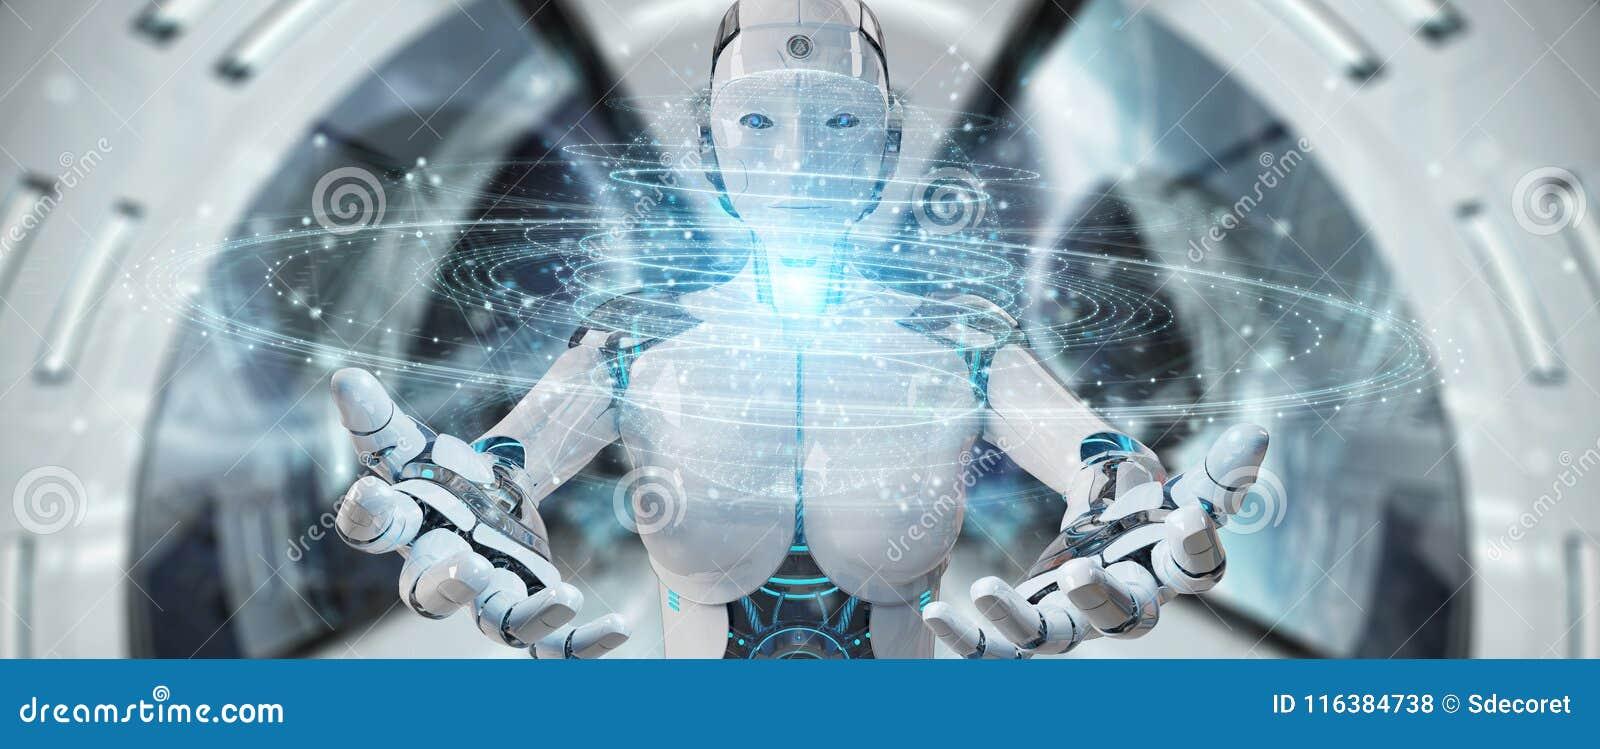 Weiße Roboterfrau, die explodierendes hologr Bereich des digitalen Dreiecks verwendet